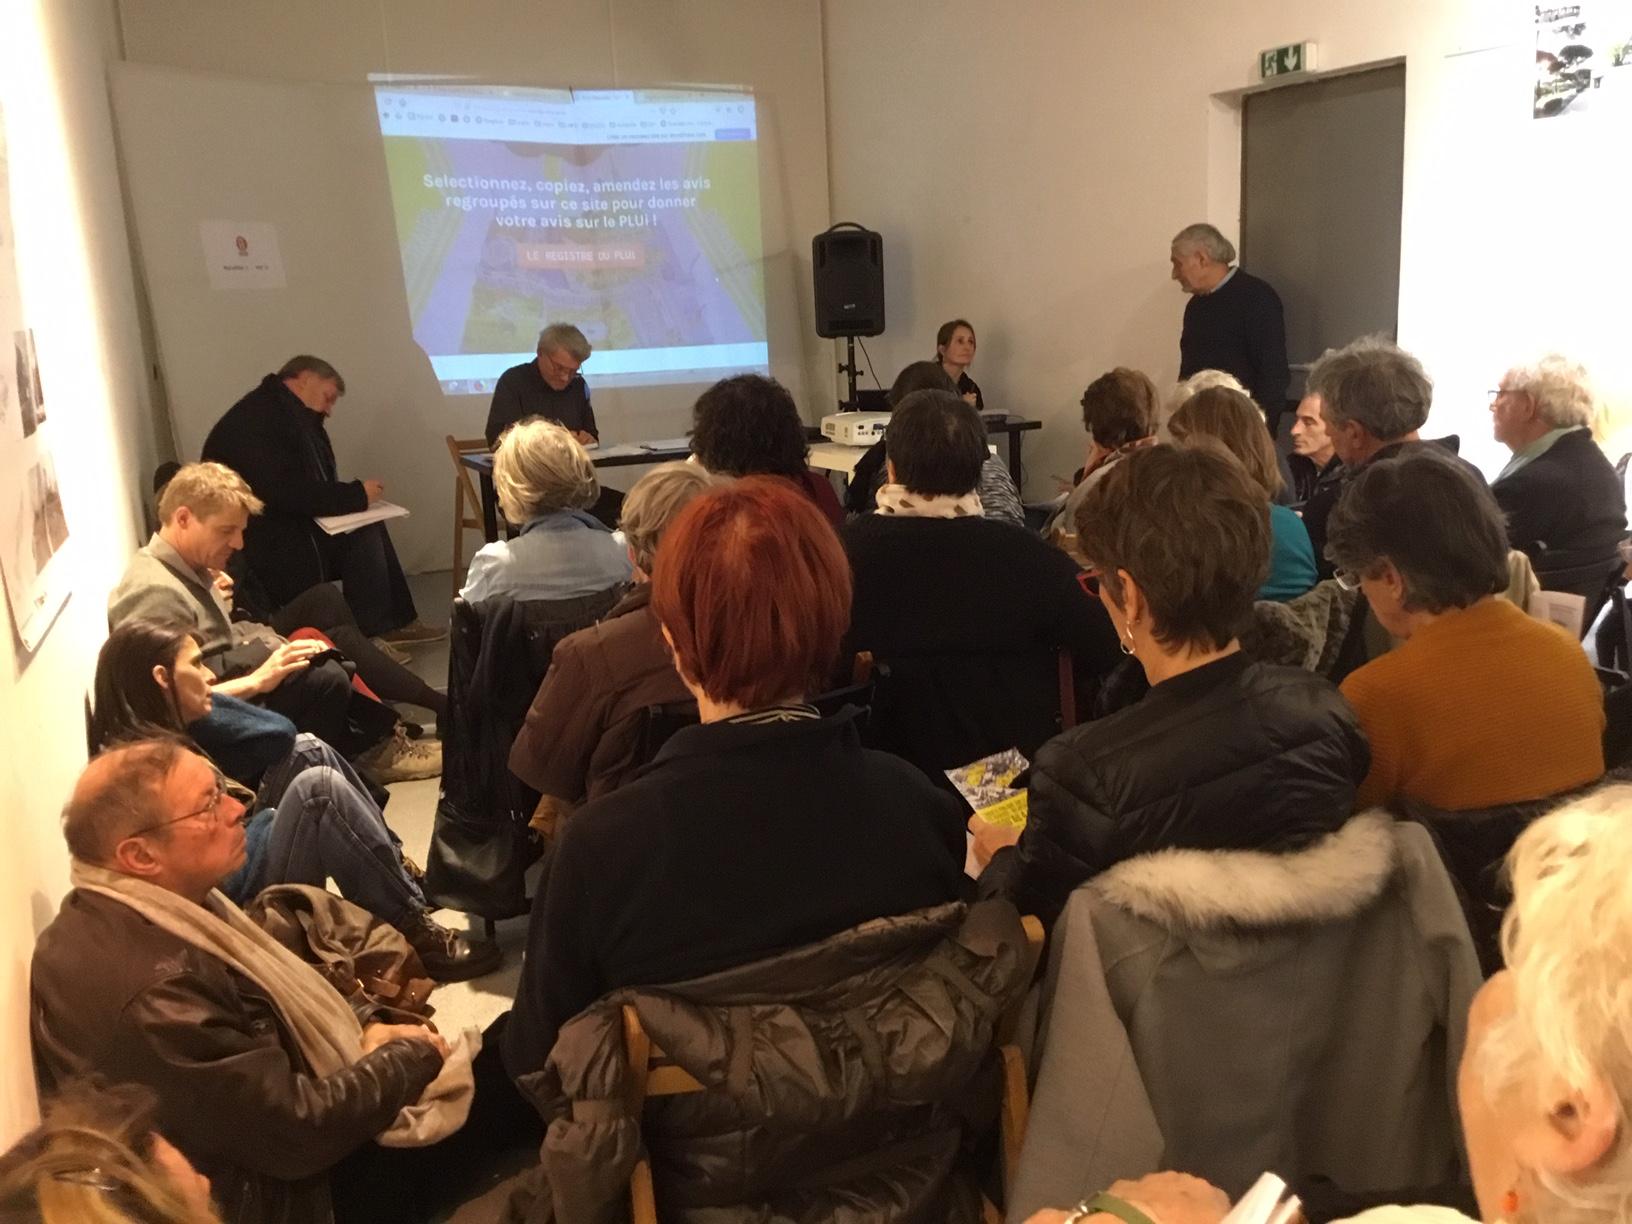 Plan Local Urbanisme Intercommunal (PLUI) : Mercredi 13 février journée de mobilisation citoyenne pour bousculer l'enquête publique